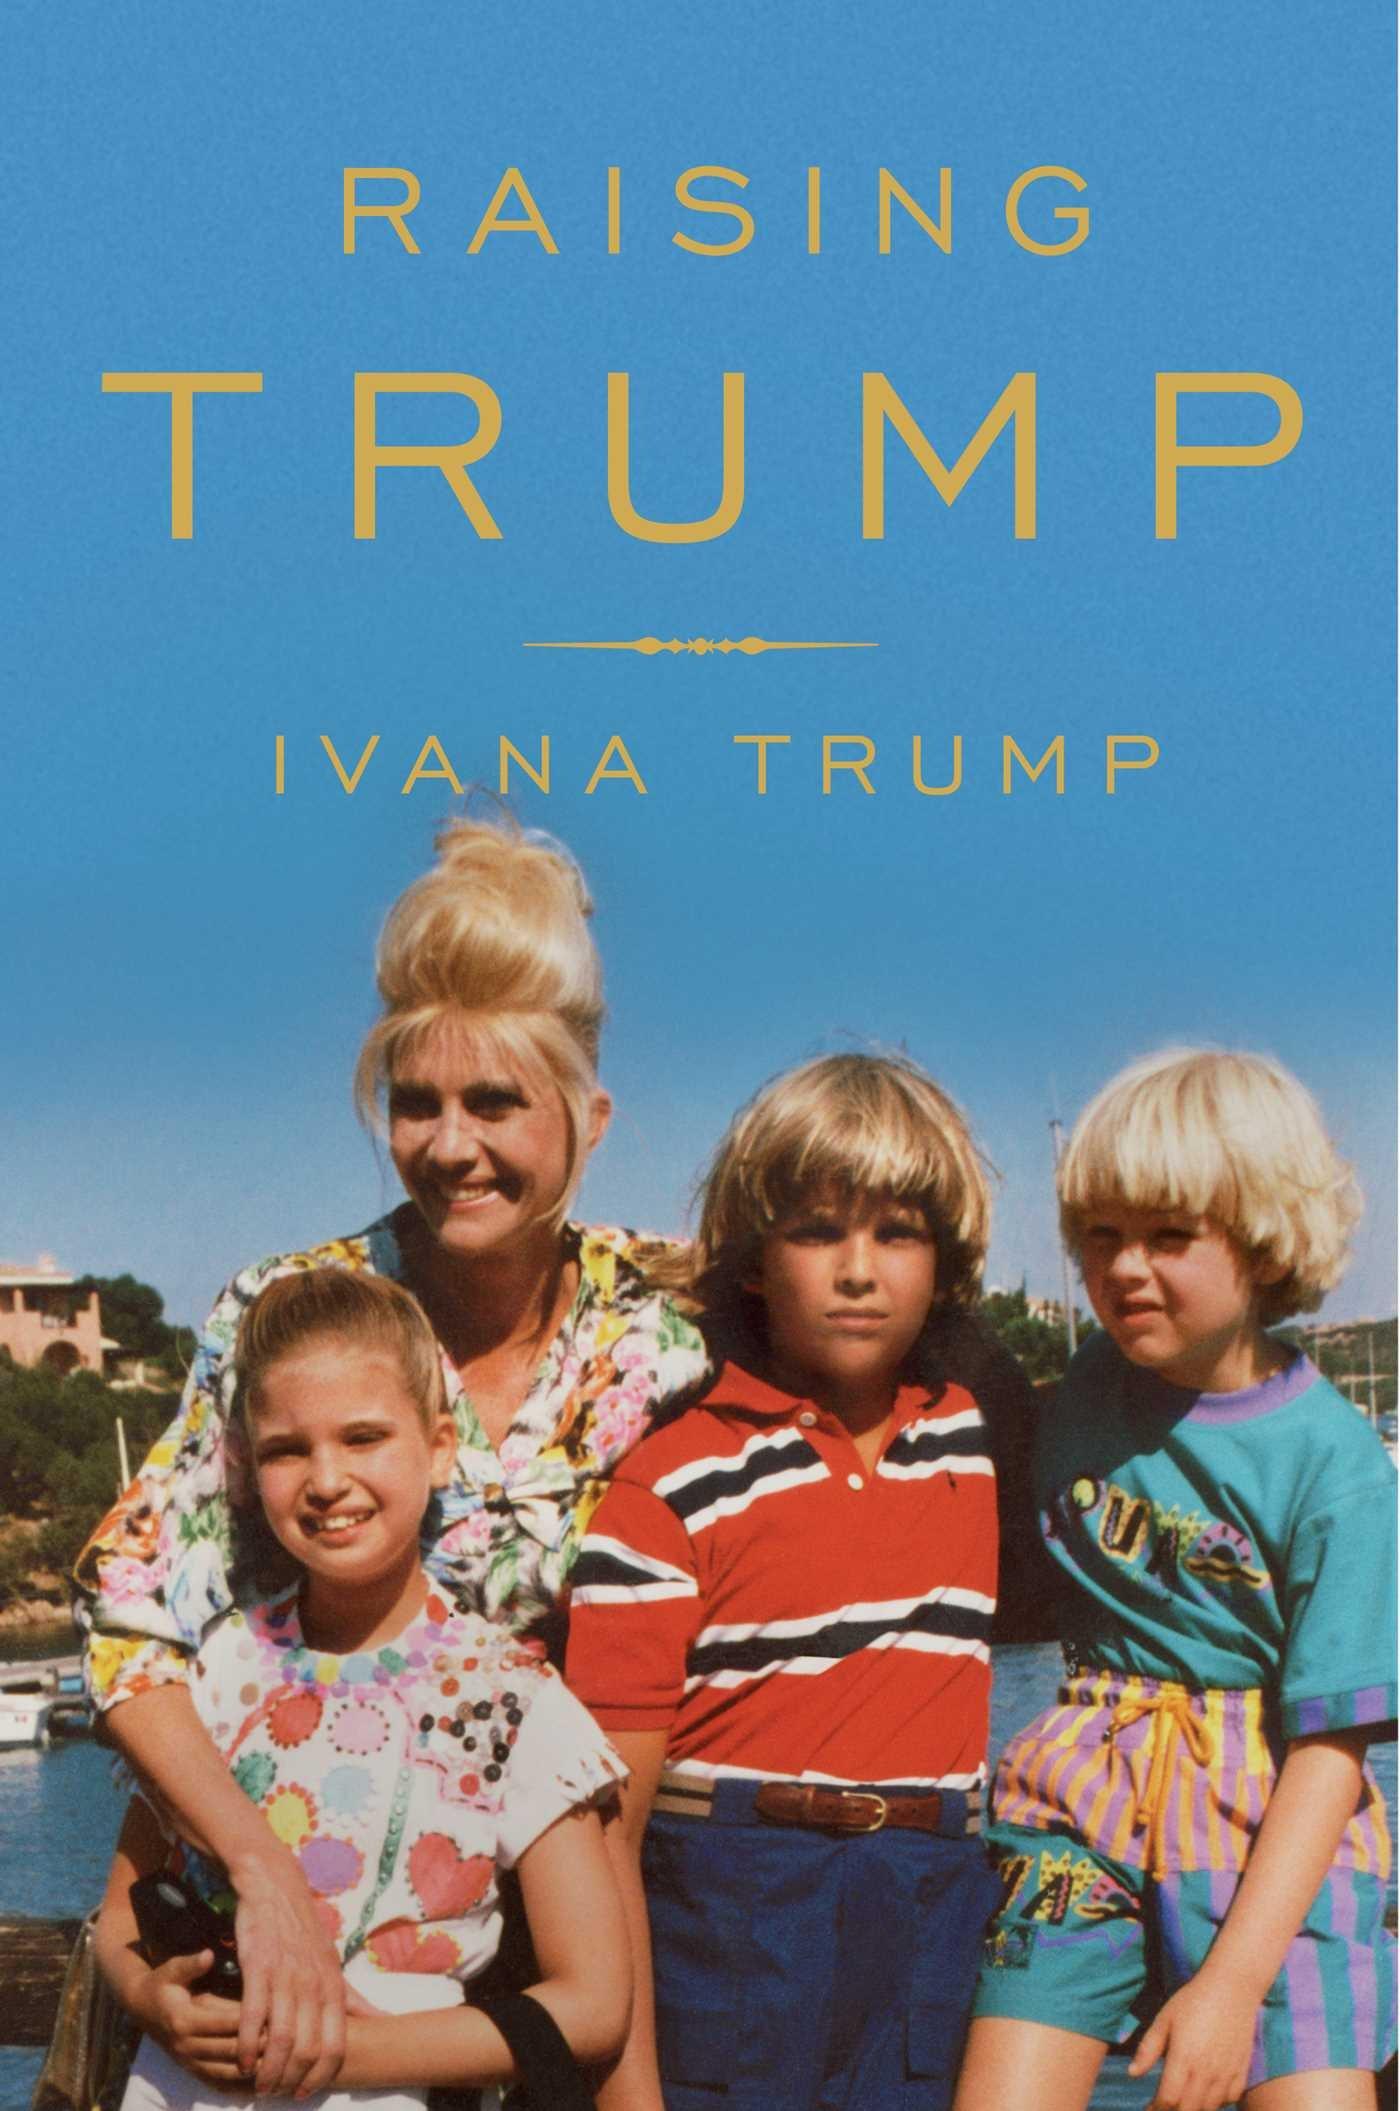 Raising Untrump >> Raising Trump Ivana Trump 9781501177286 Amazon Com Books